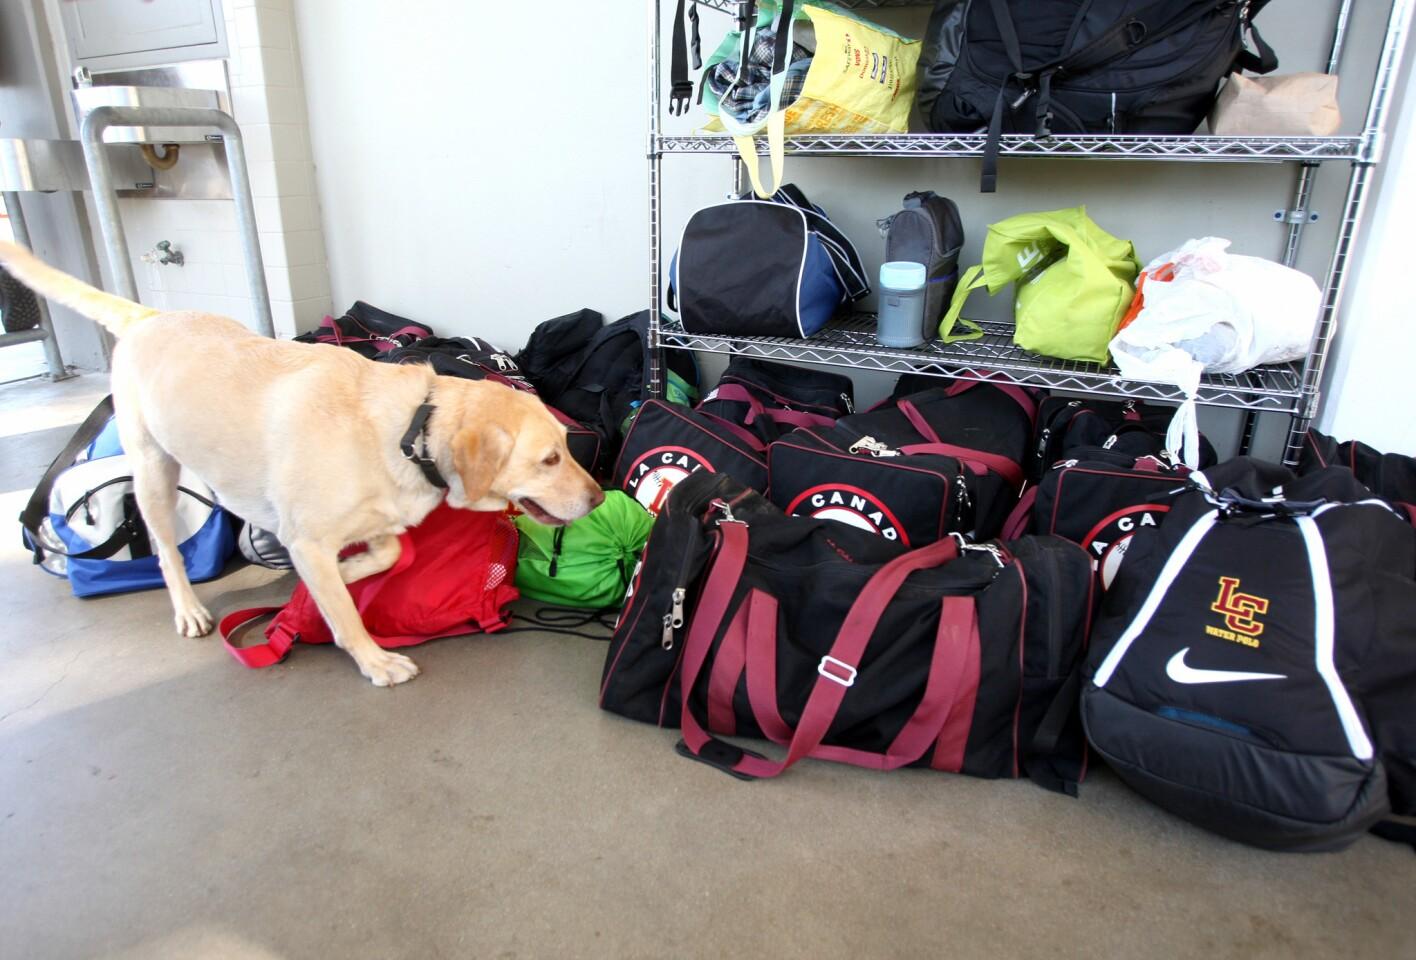 Photo Gallery: Contraband dog visits La Cañada High School